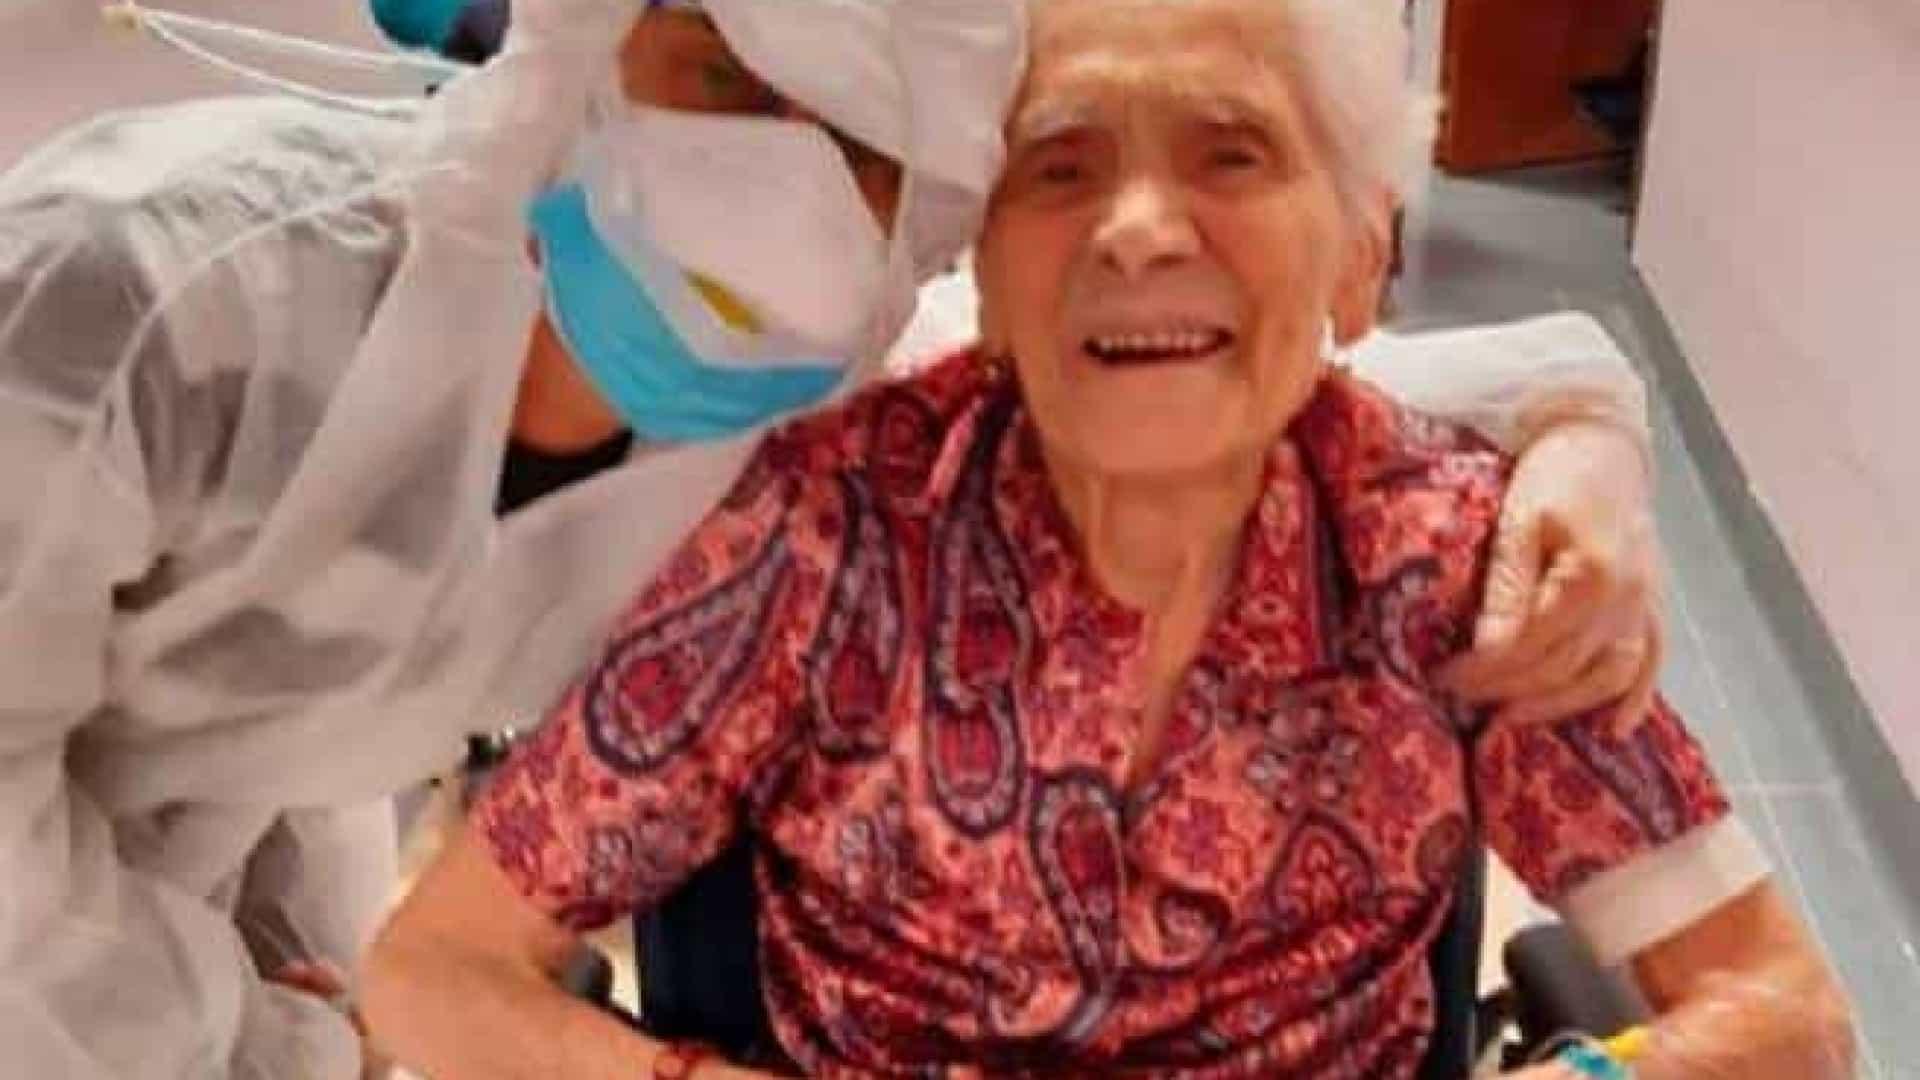 Italiana Mulher De 104 Anos É A Pessoa Mais Velha Do Mundo A Recuperar Da Covid-19